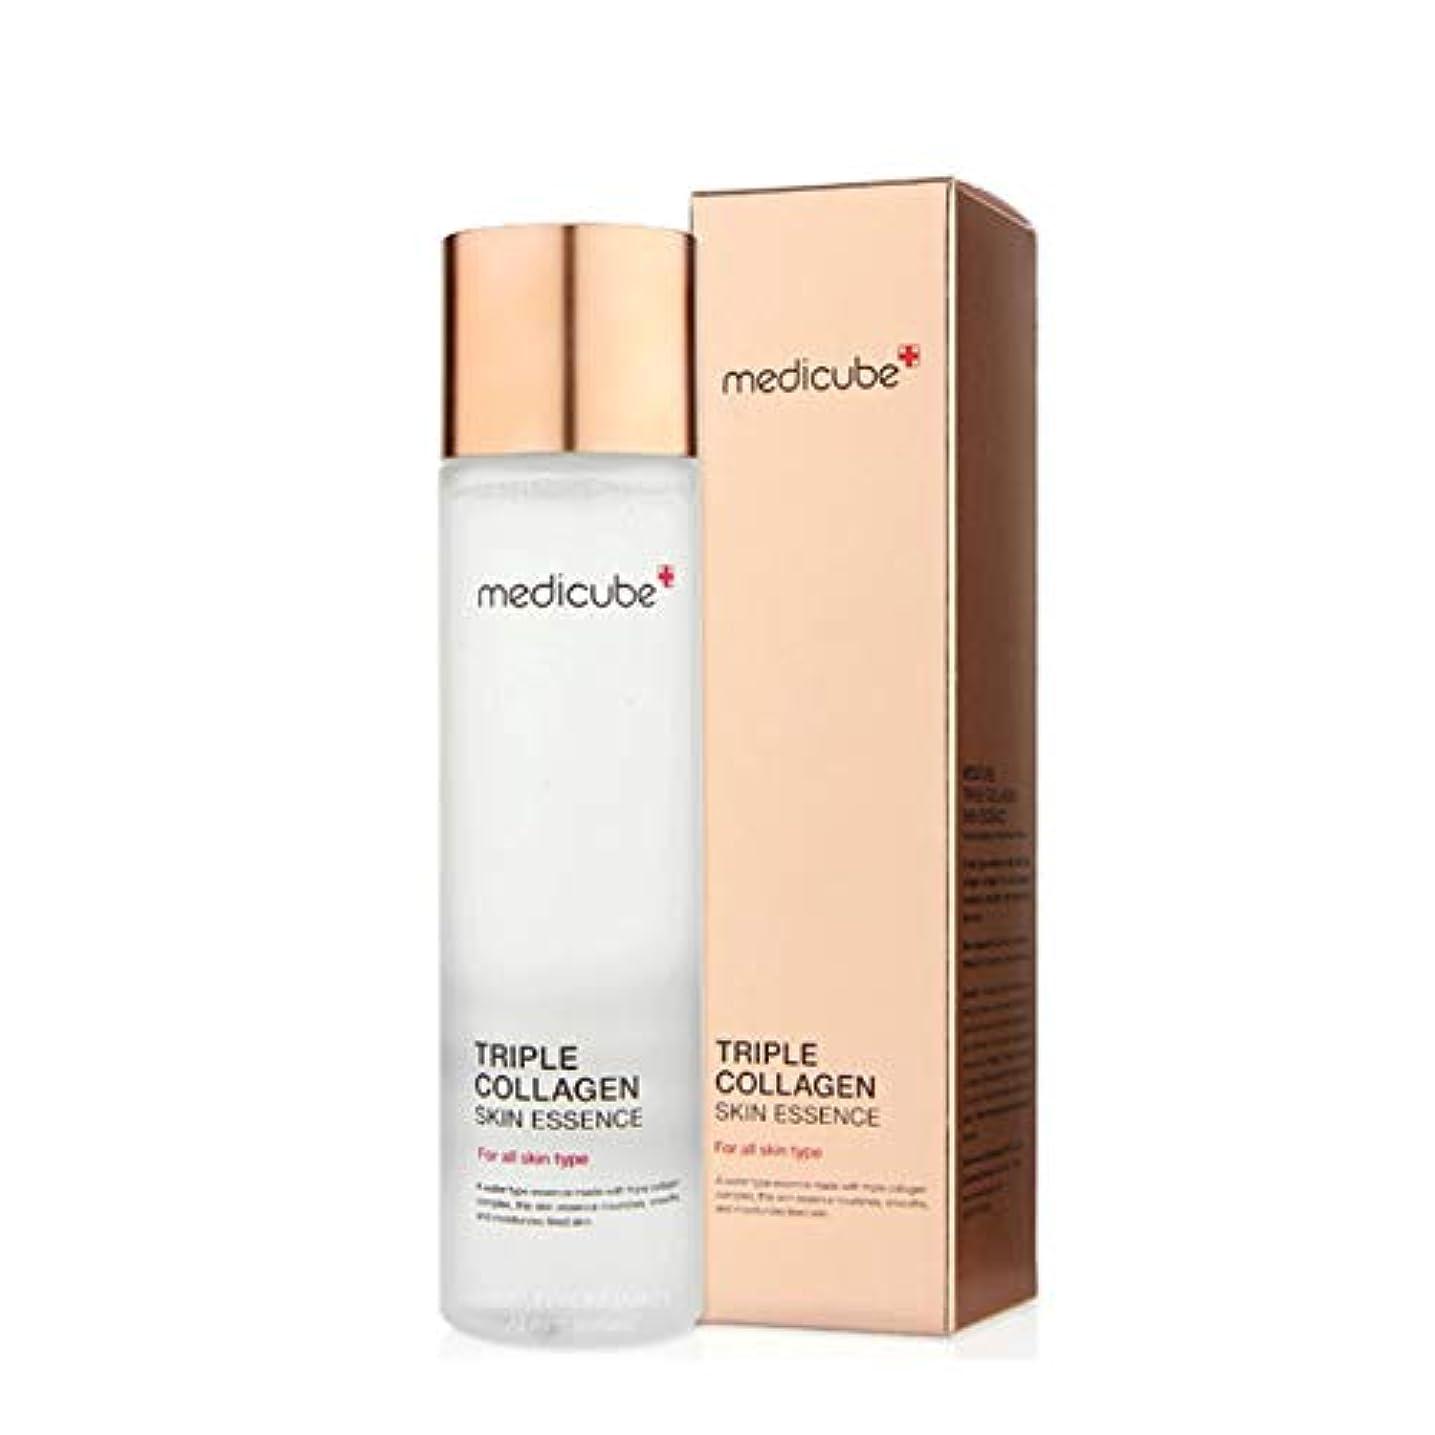 全国情報先祖メディキューブトリプルコラーゲンスキンエッセンス140ml 韓国コスメ、Medicube Triple Collagen Skin Essence 140ml Korean Cosmetics [並行輸入品]